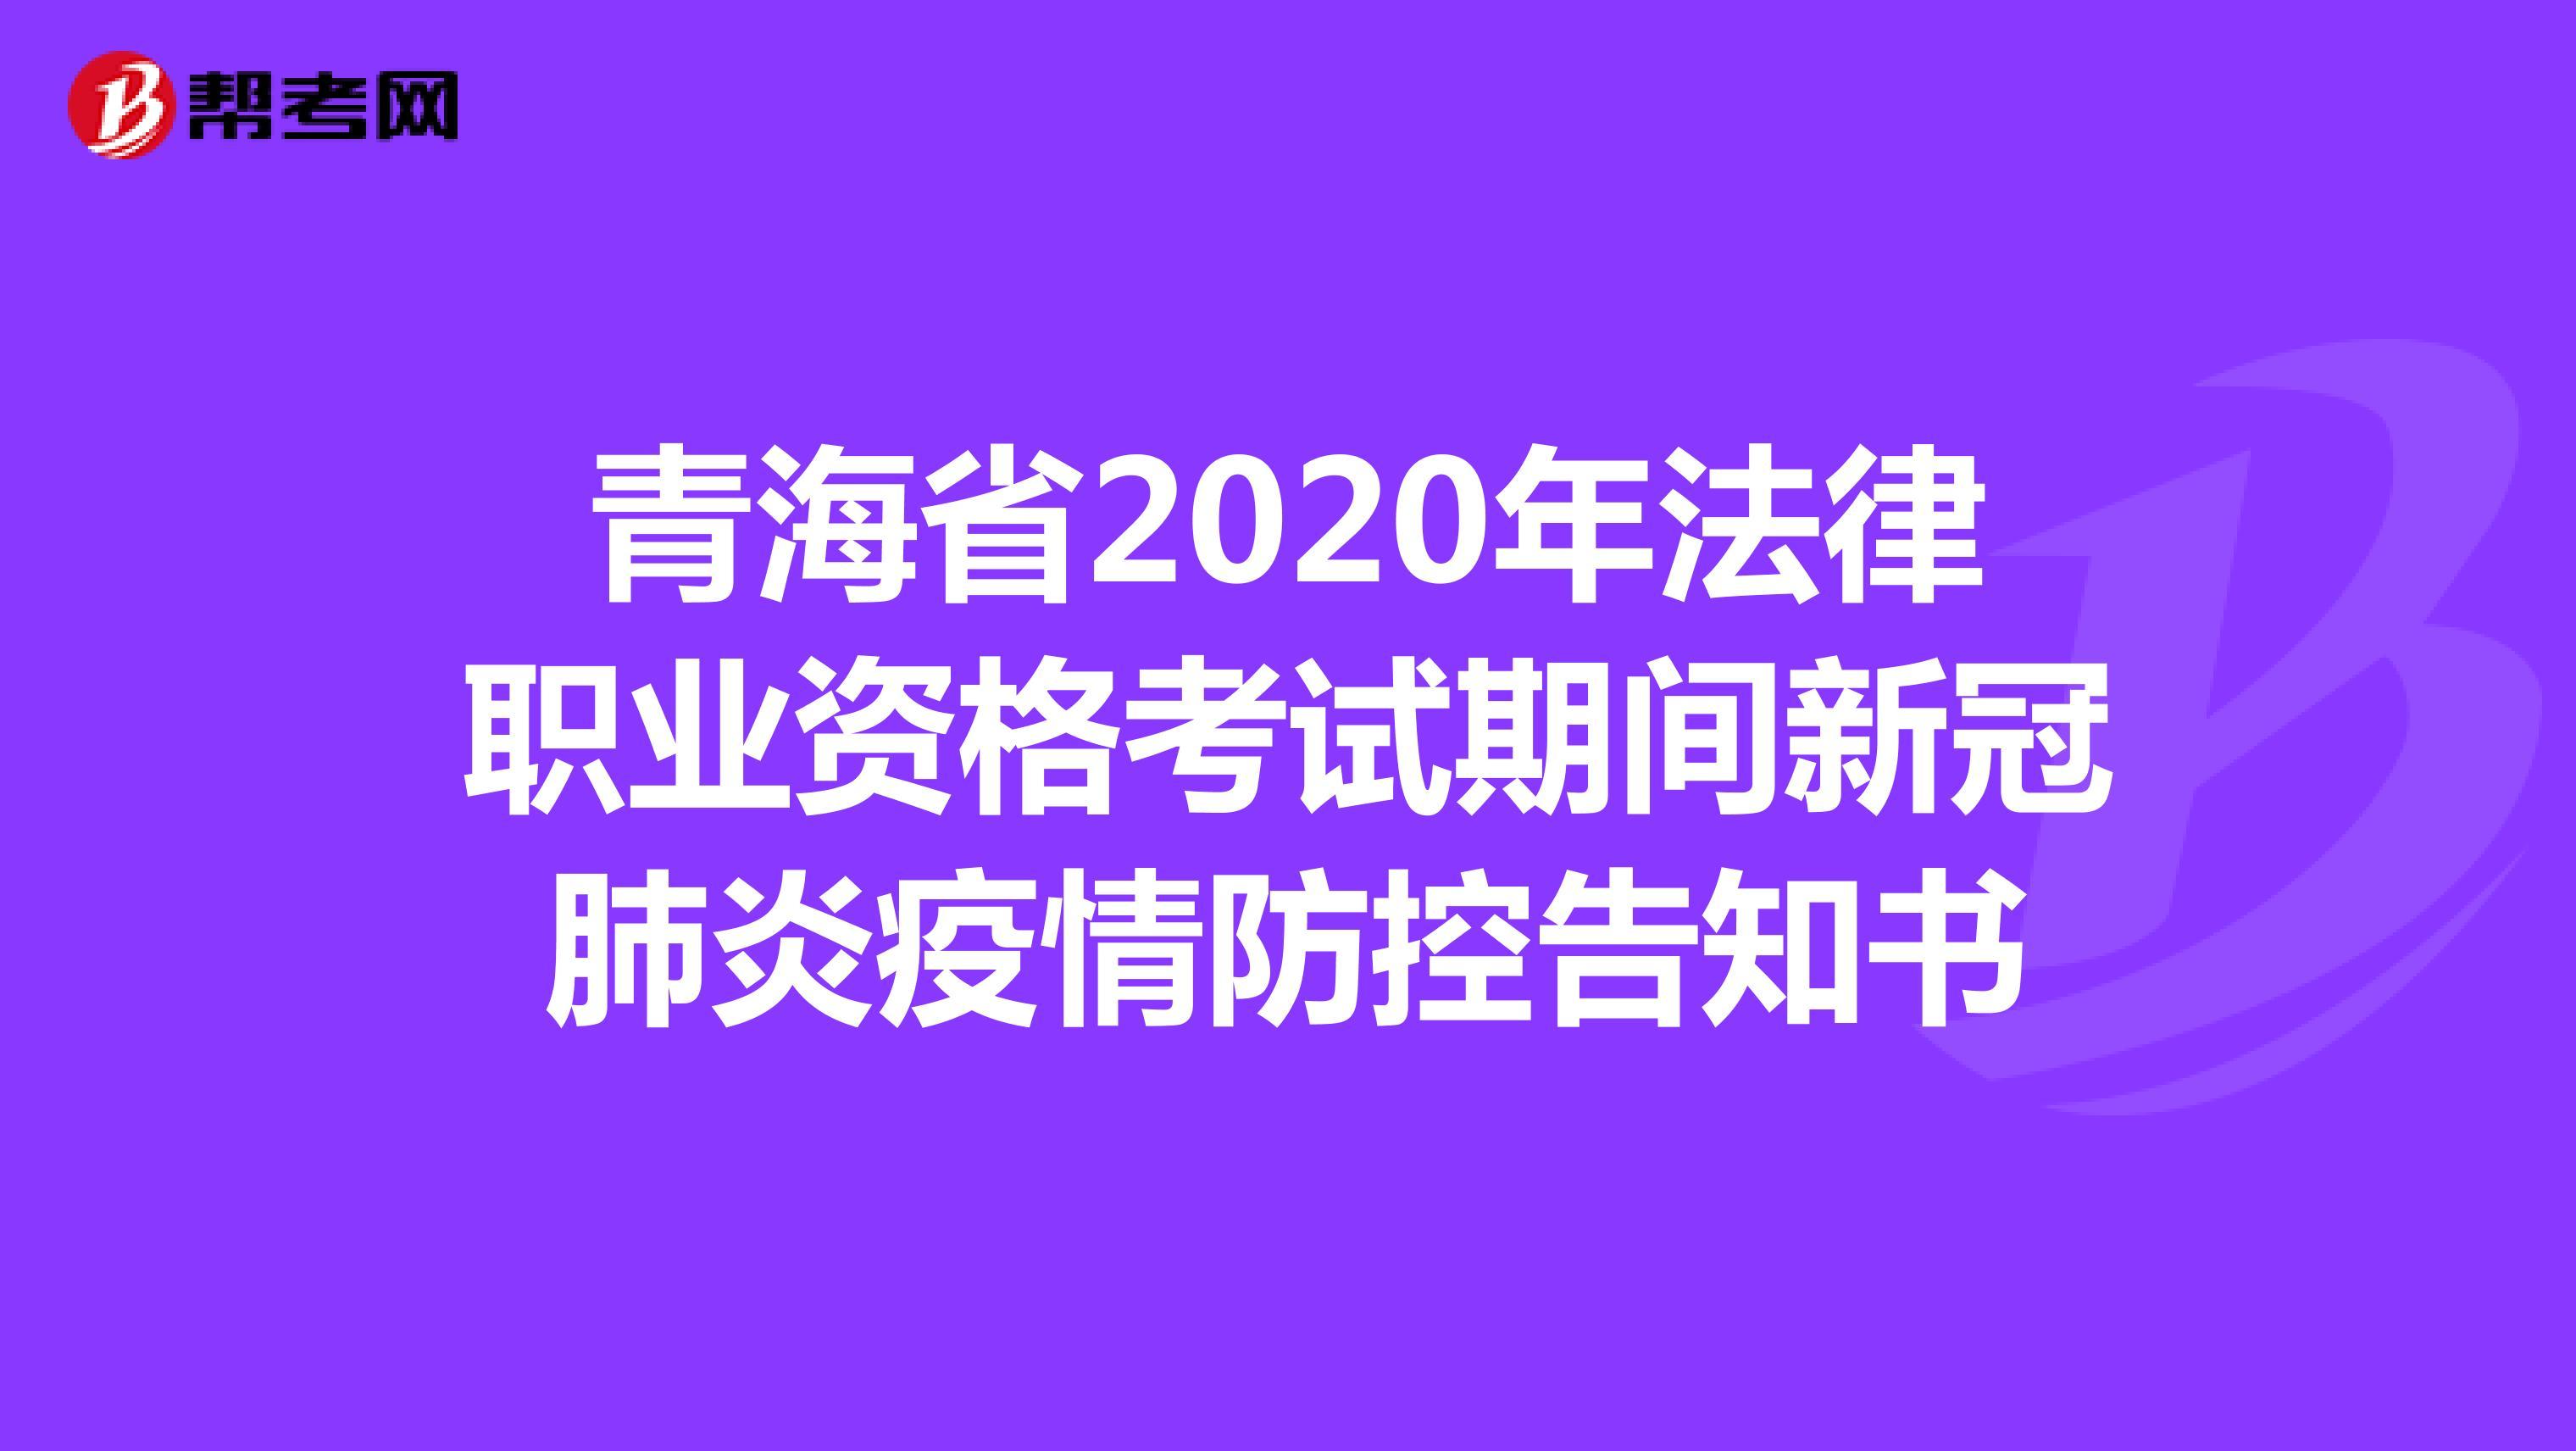 青海省2020年法律职业资格考试期间新冠肺炎疫情防控告知书